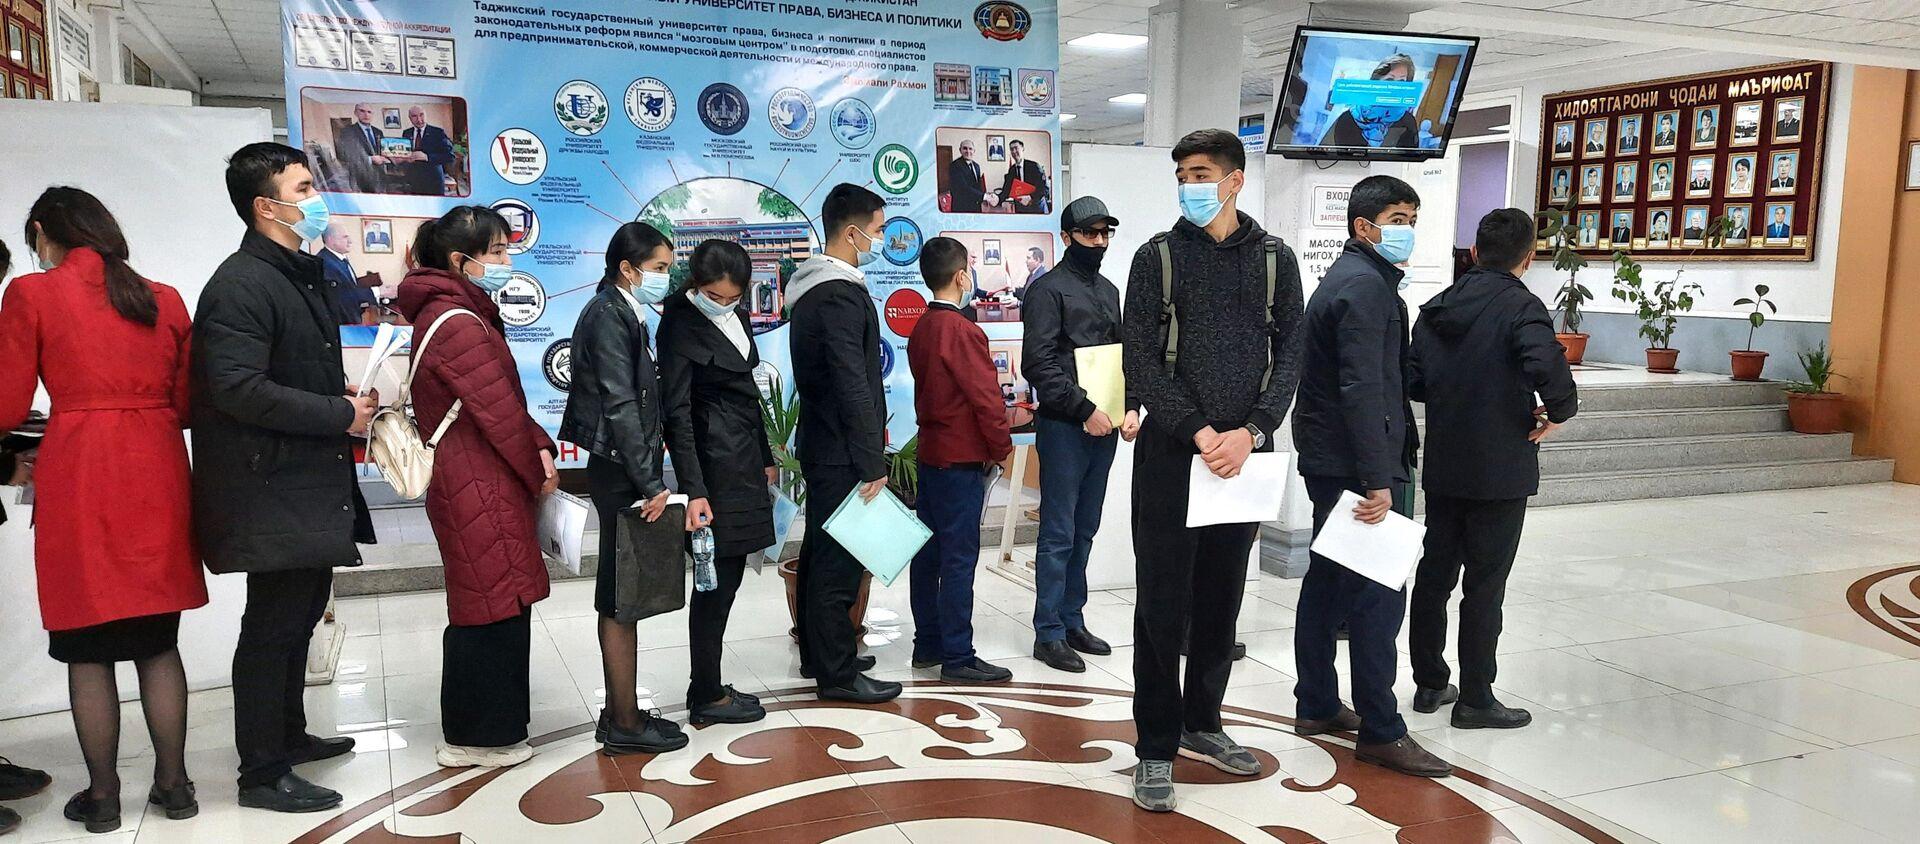 В Худжанде стартовали экзамены для поступления в вузы России - Sputnik Таджикистан, 1920, 13.03.2021